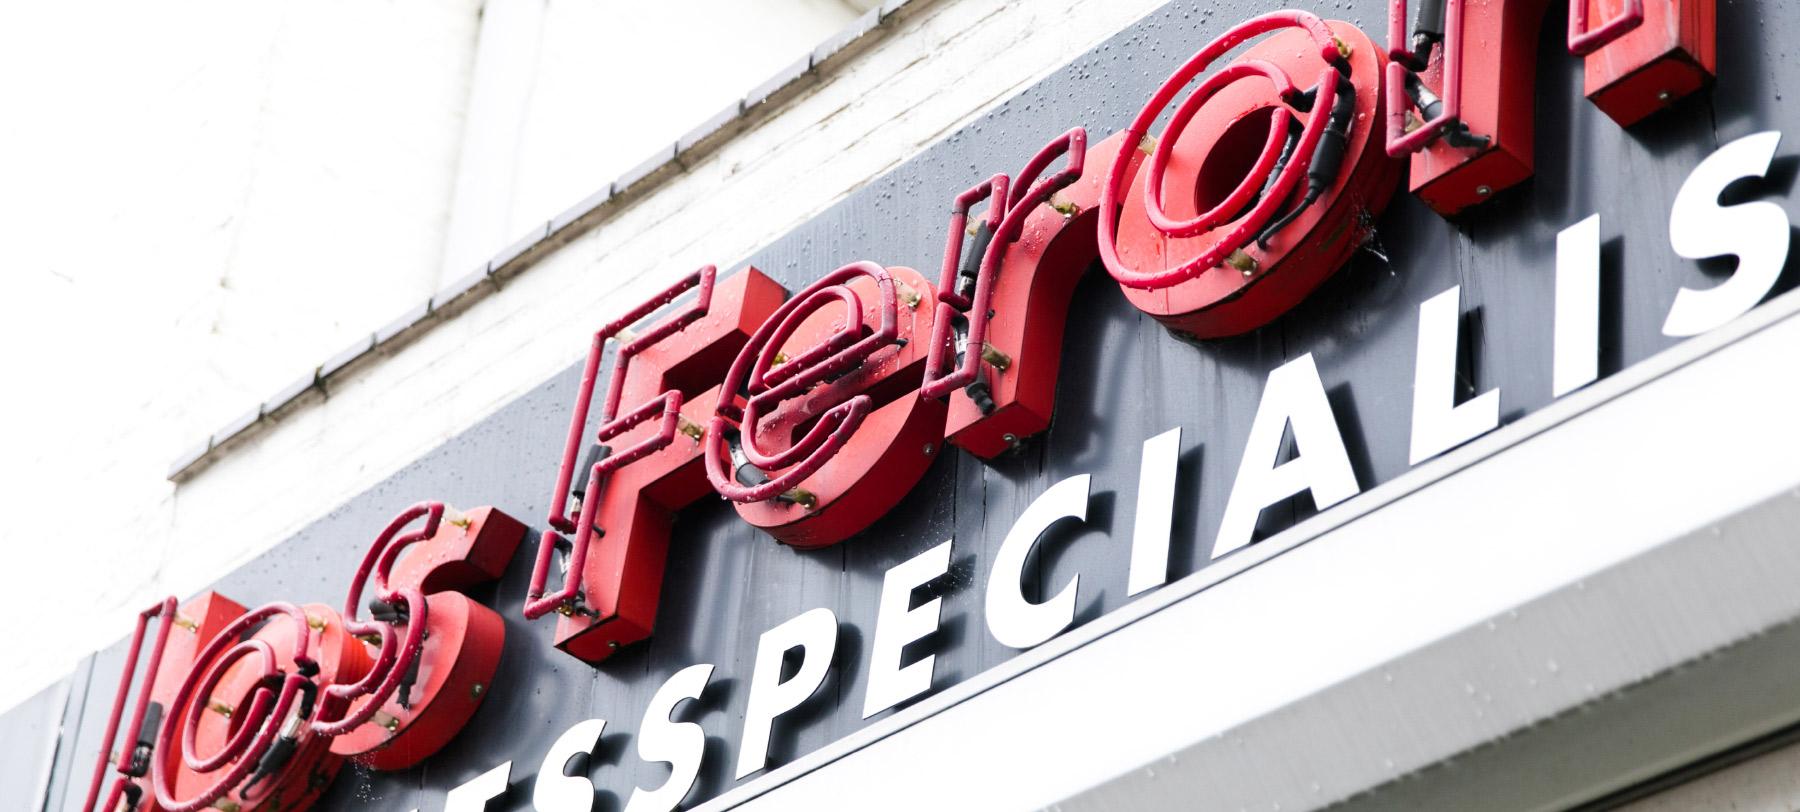 Jos Feron - Neonletters voorkant zaak